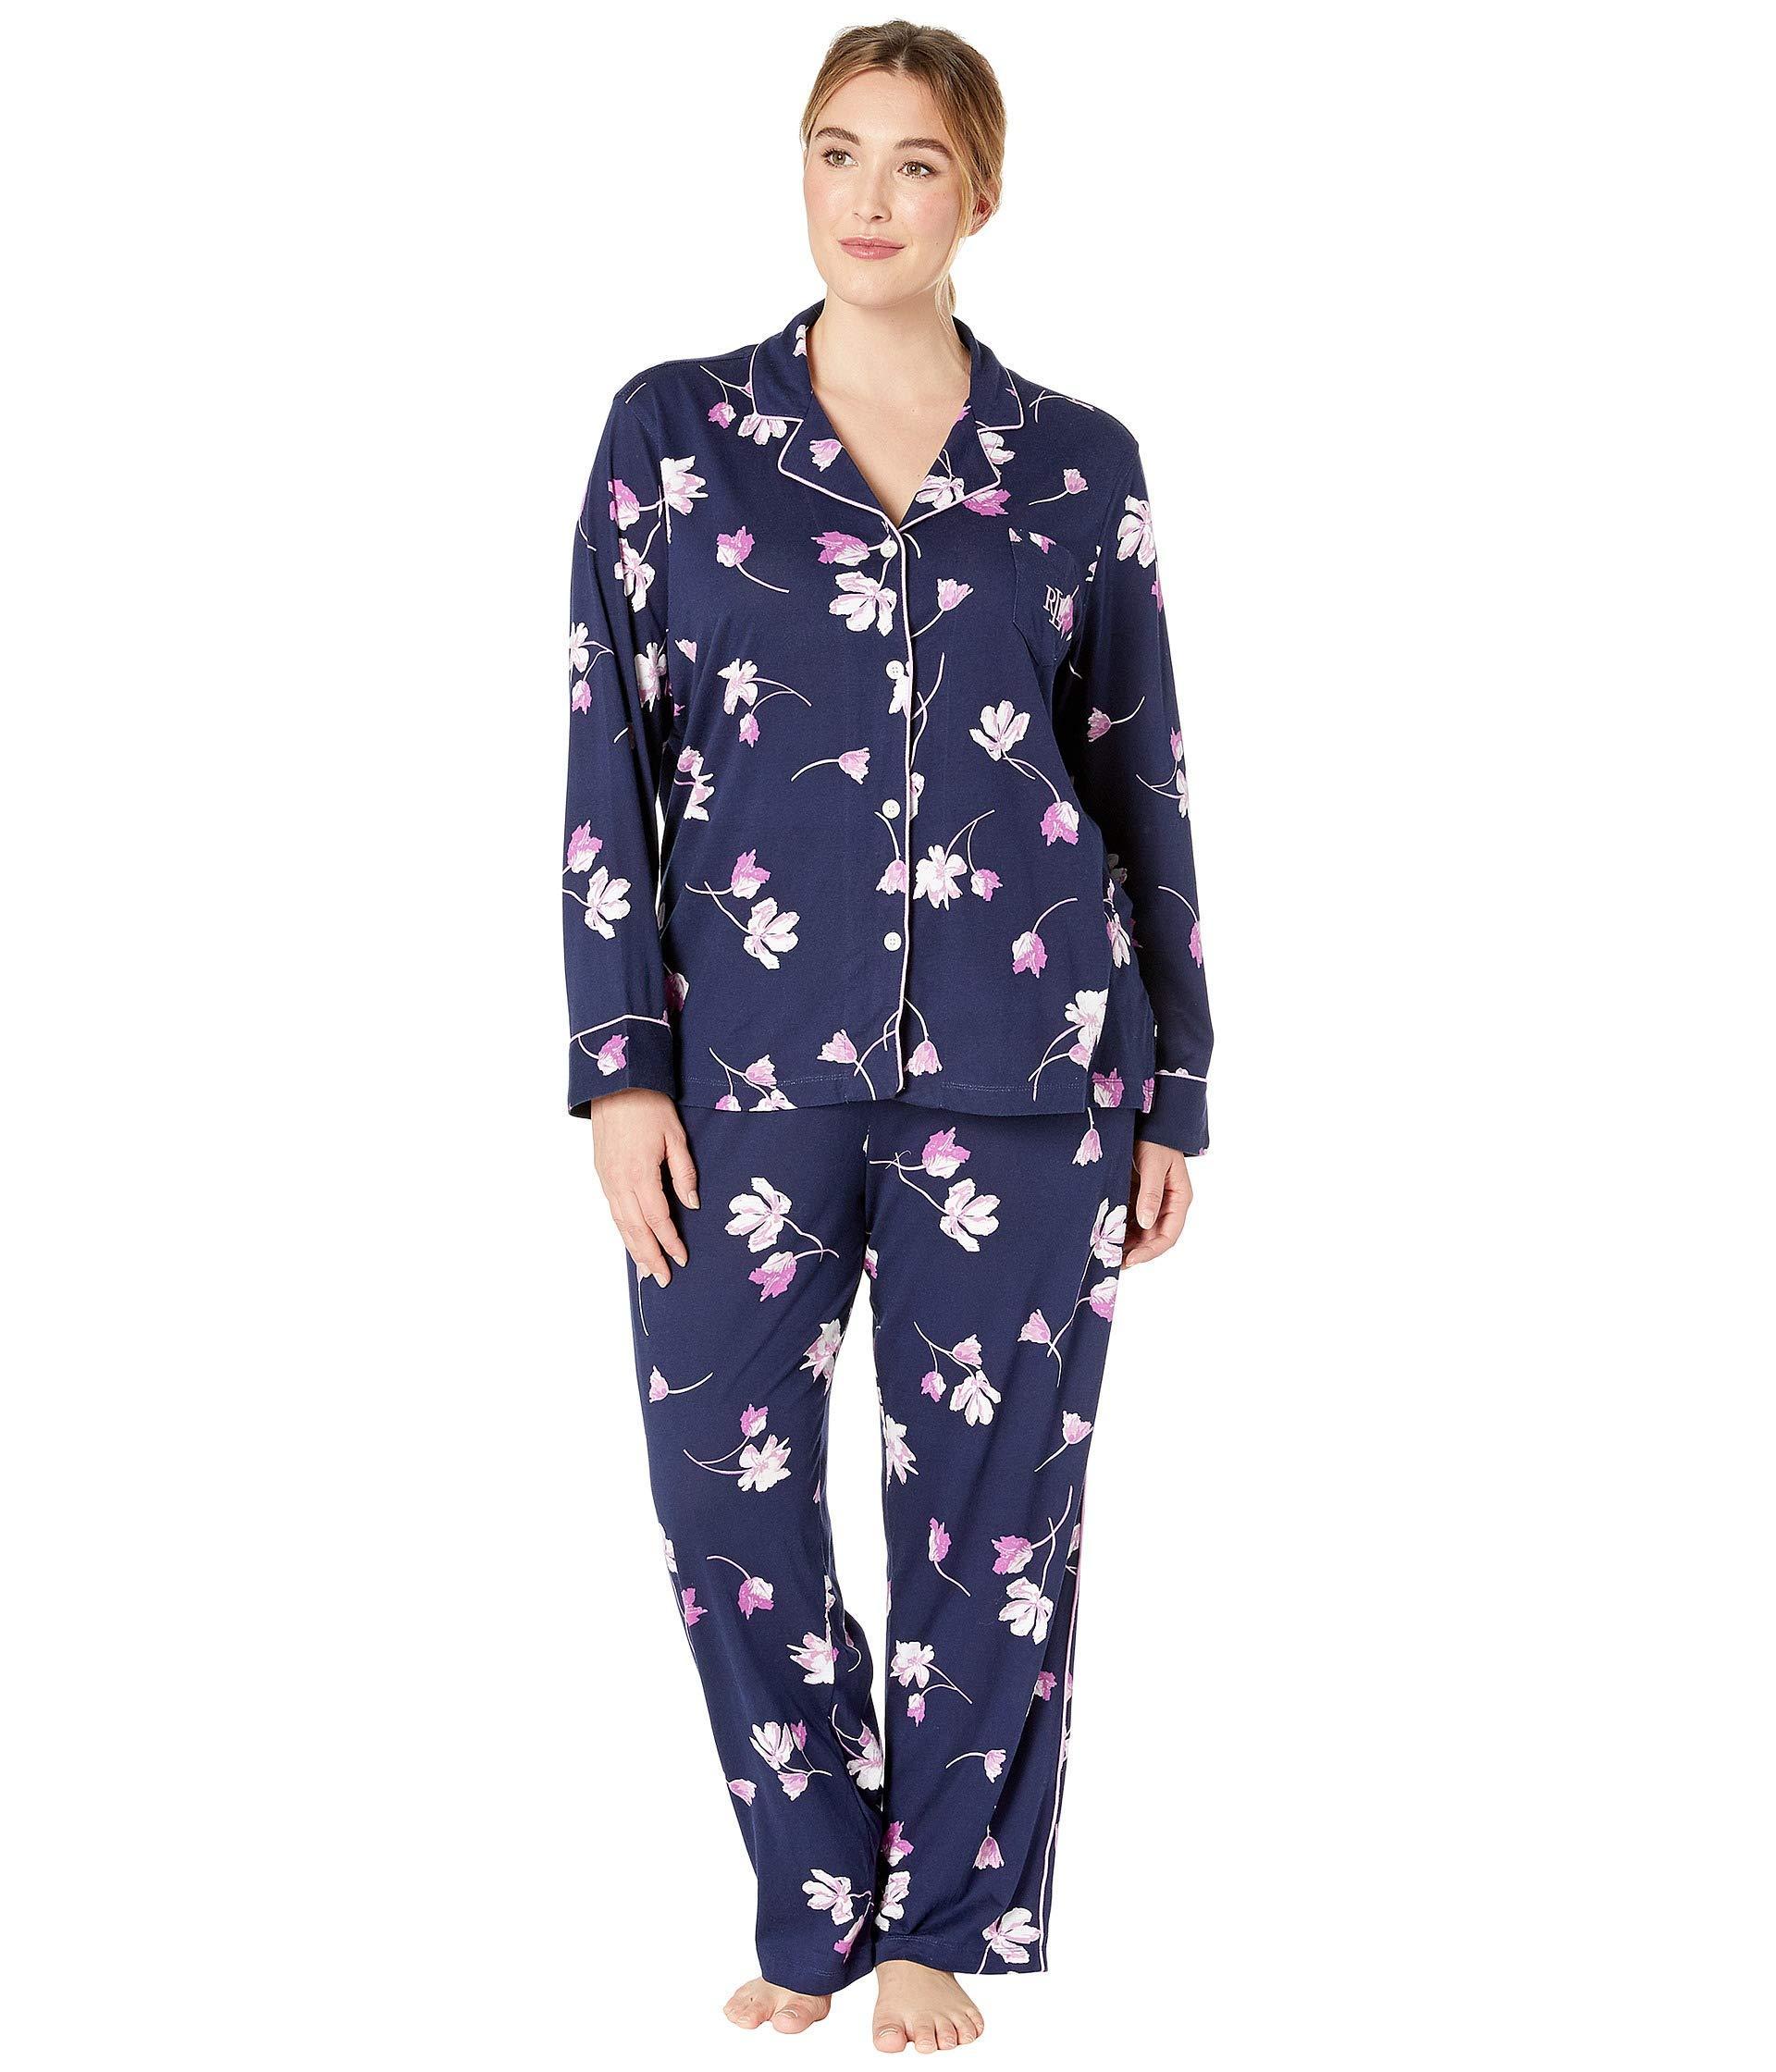 602468f8 Lauren by Ralph Lauren Blue Plus Size Knit Notch Collar Pajama Set (navy  Floral) Pajama Sets